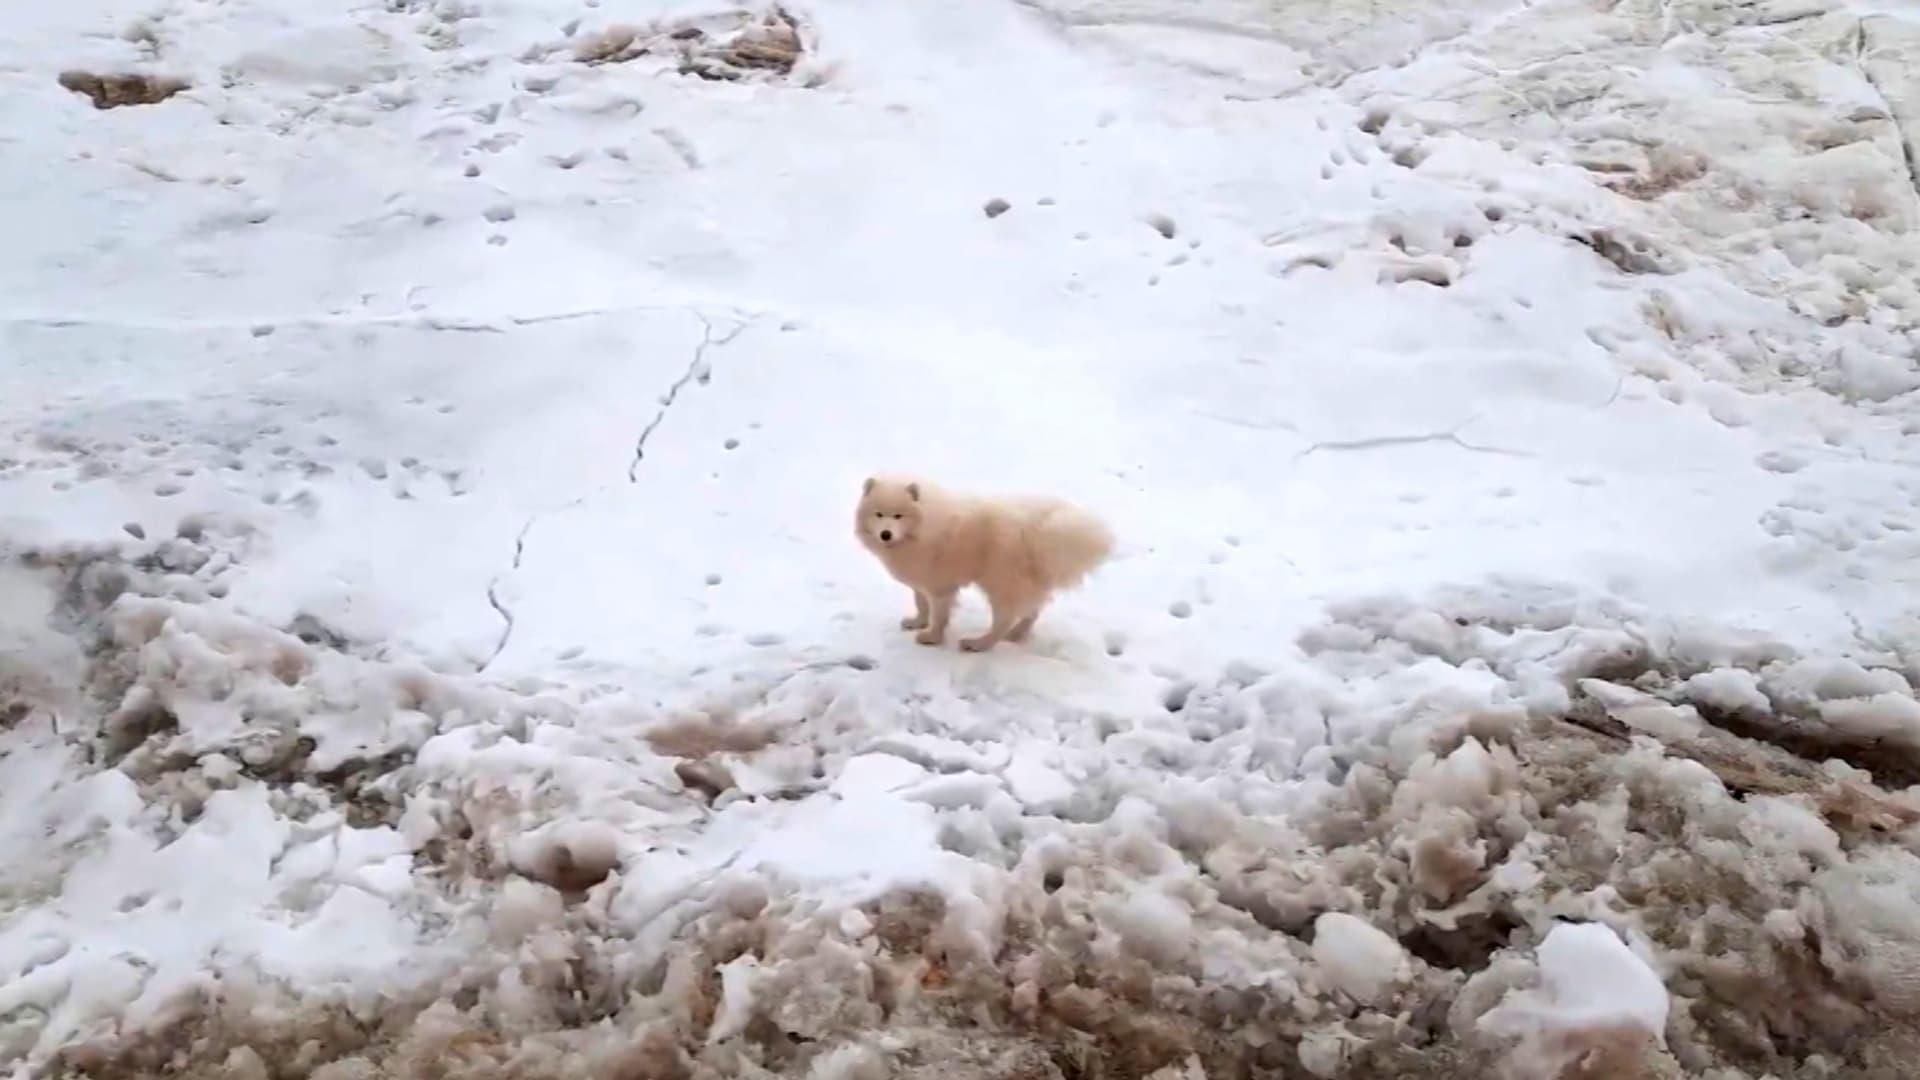 شاهد.. طاقم بحارة ينقذون كلبة تقطعت بها السبل في القطب الشمالي